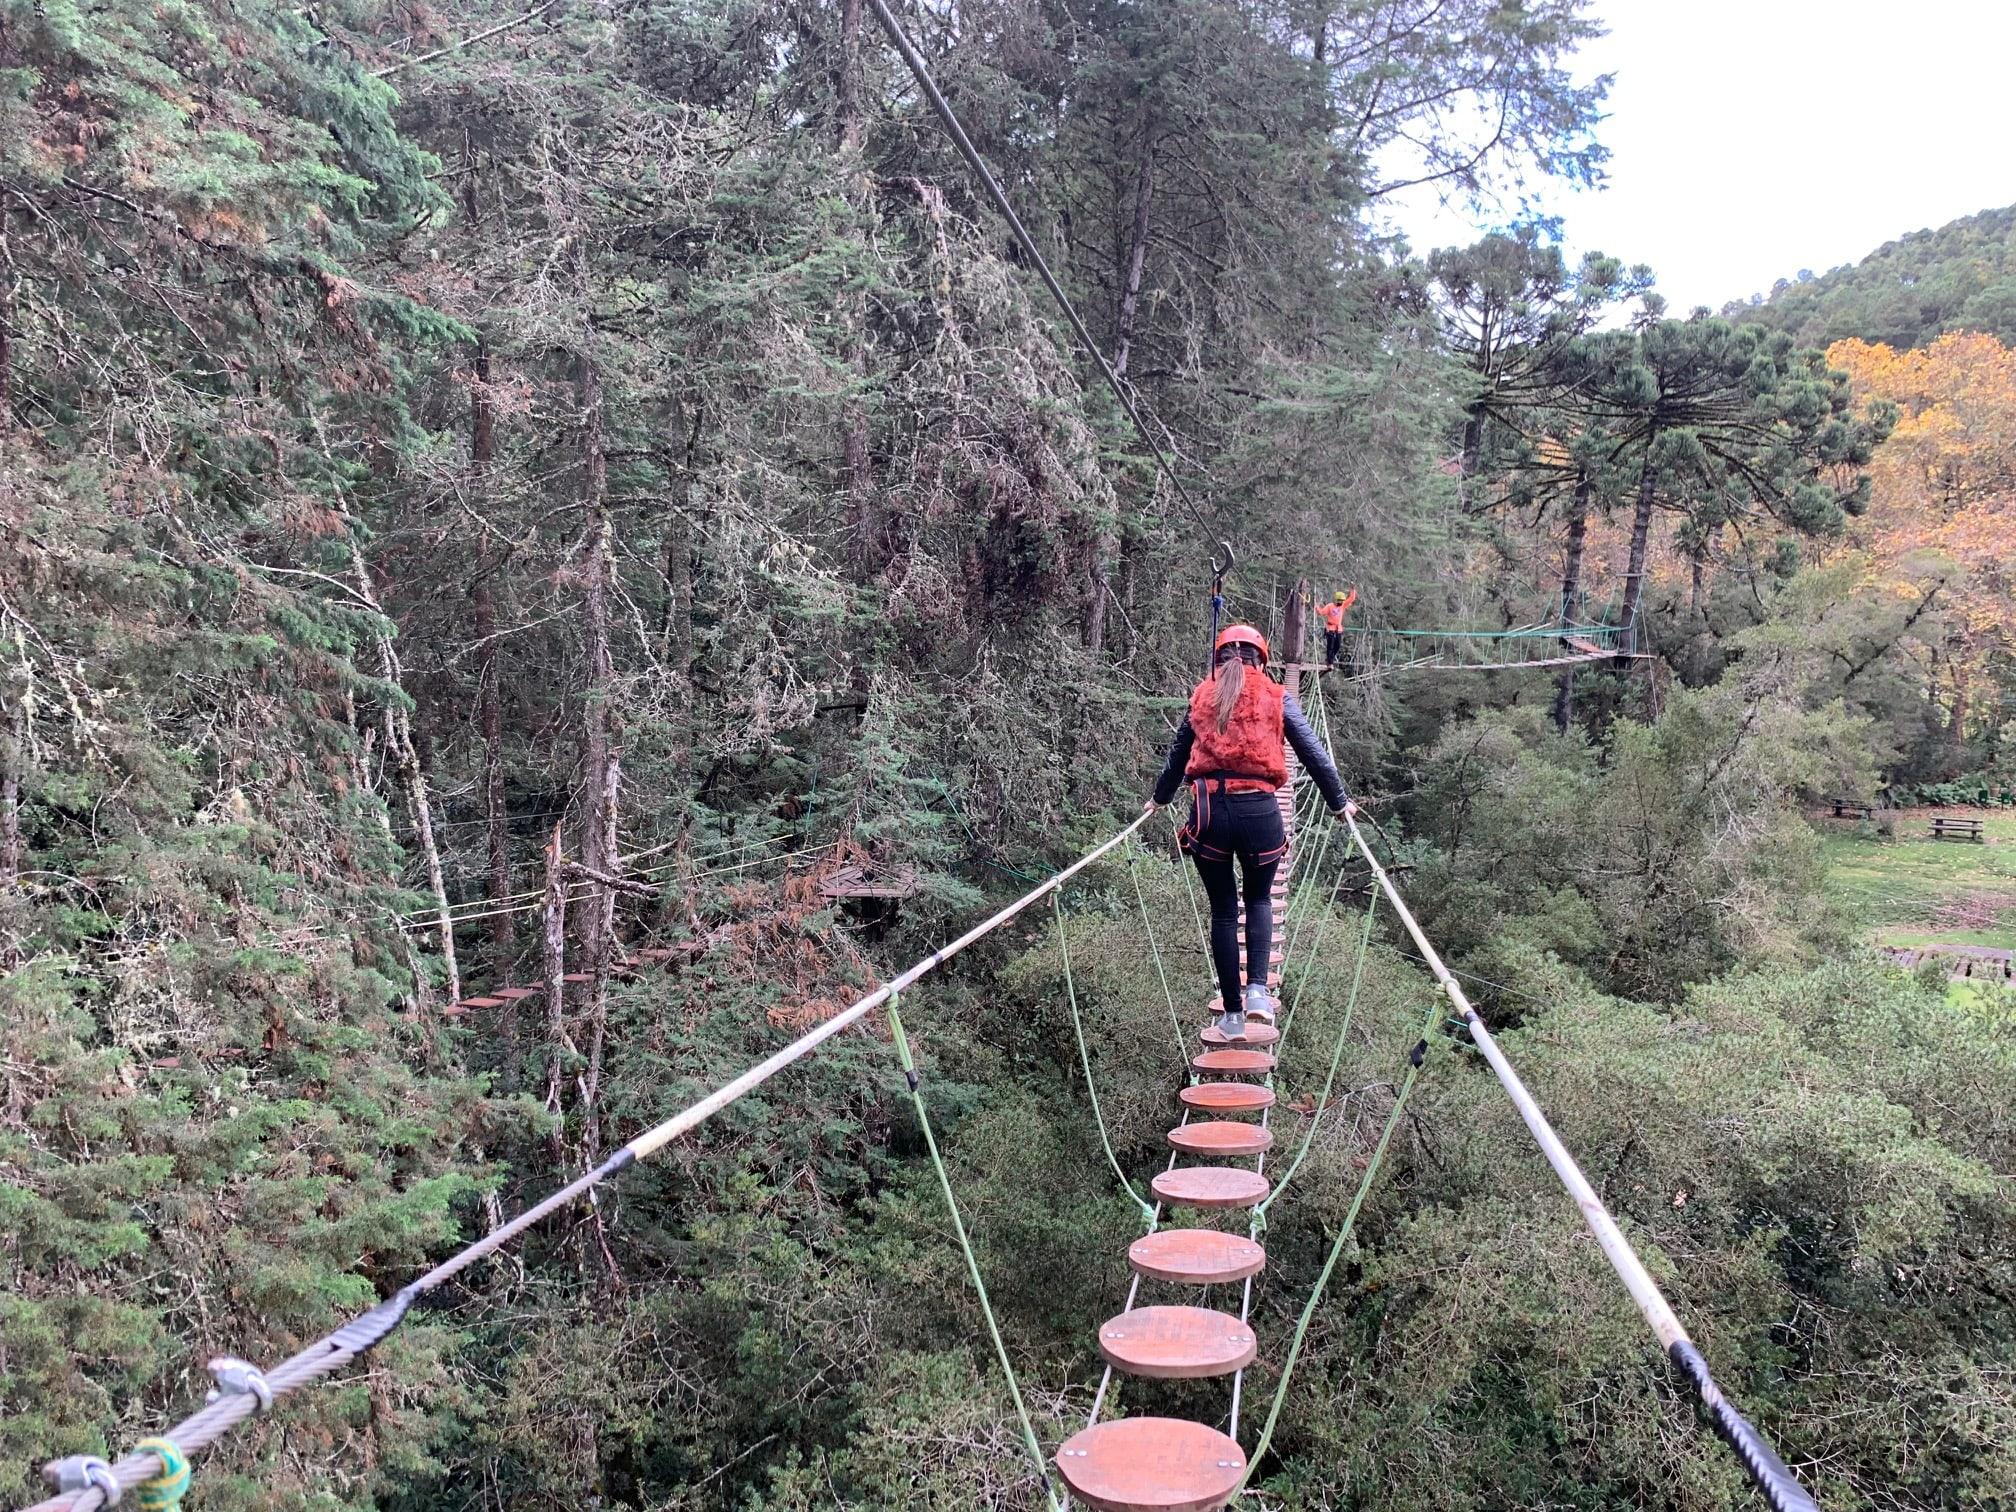 Arborismo en Campos (Brasil)